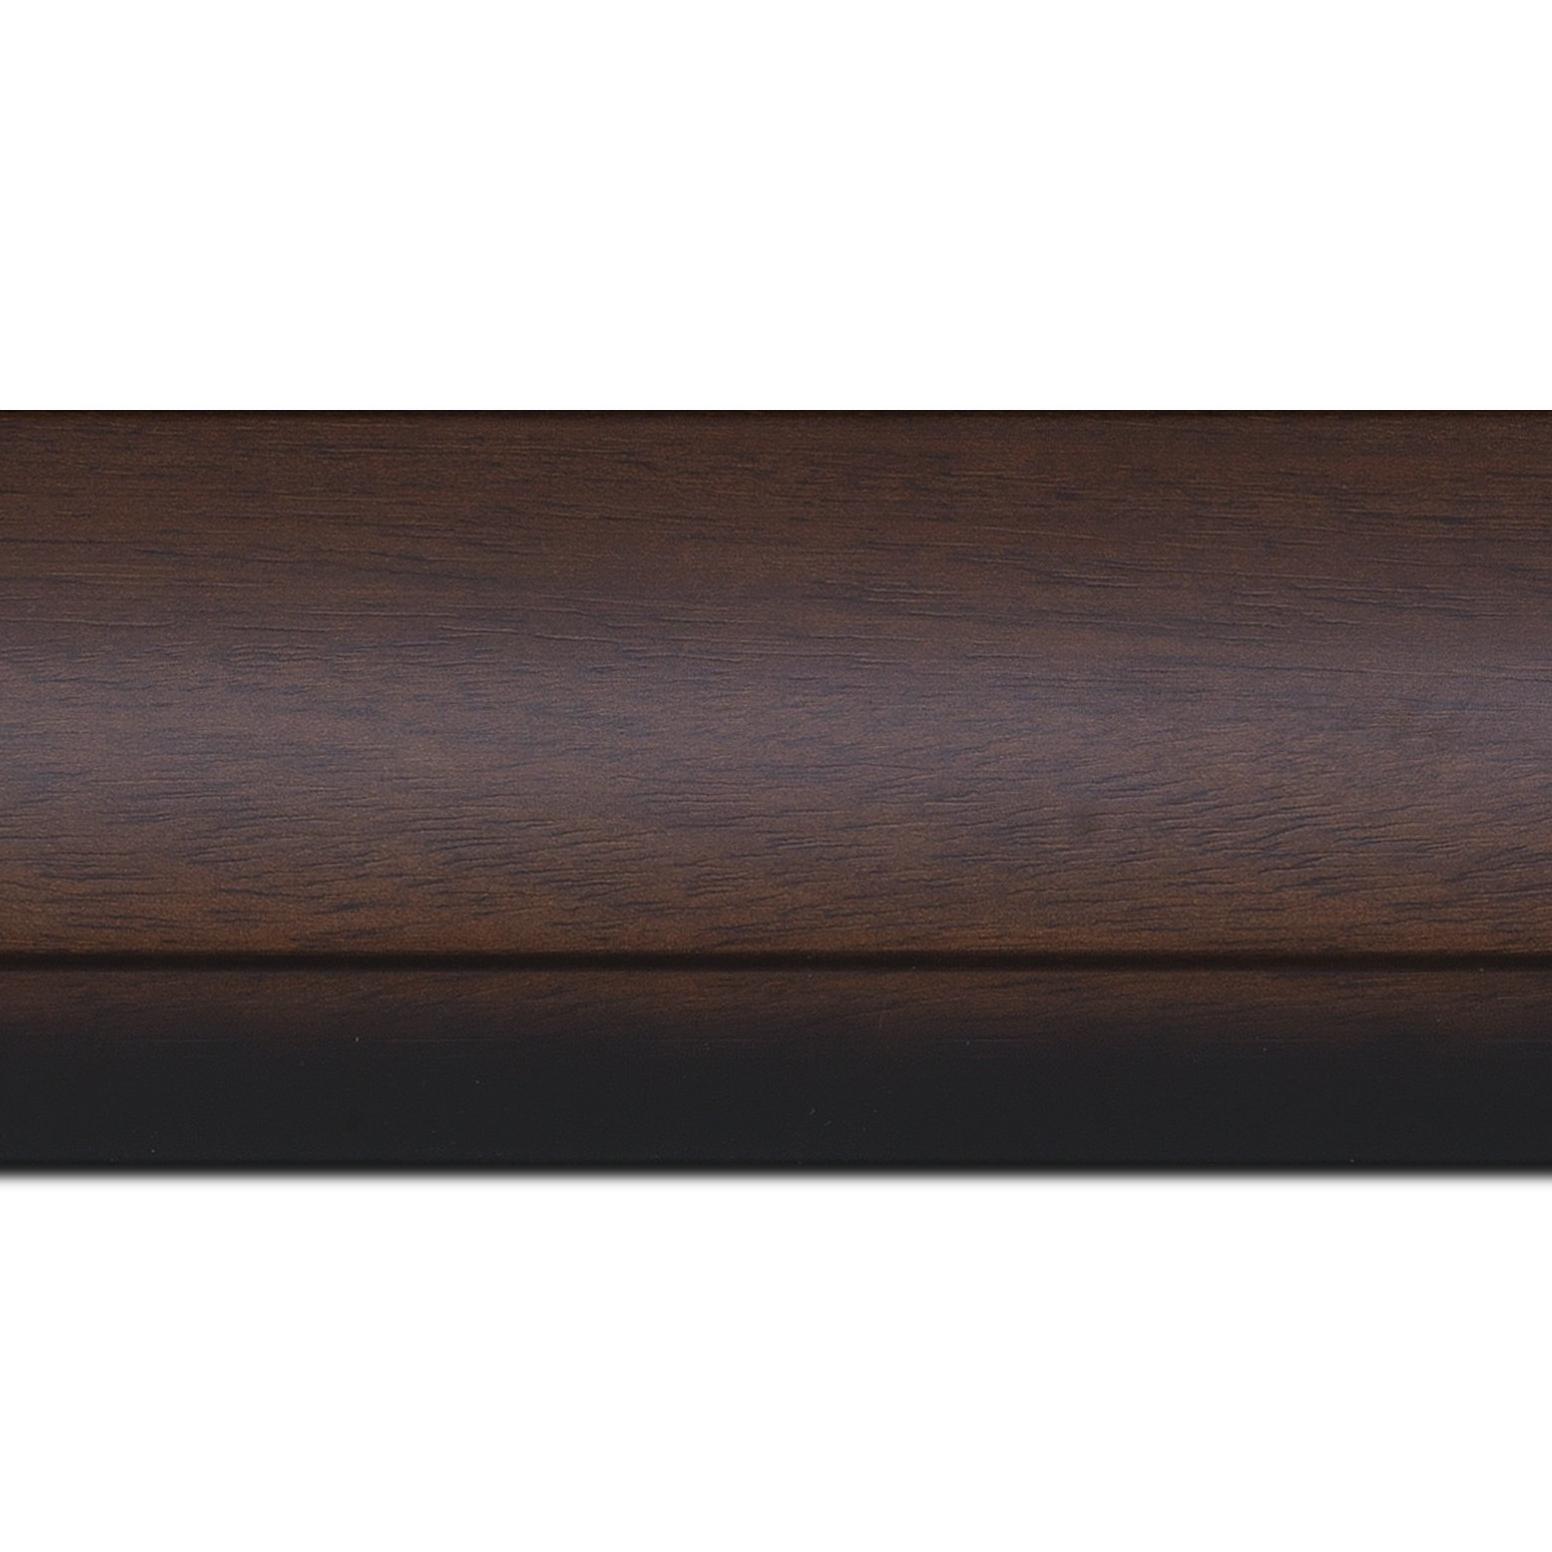 Pack par 12m, bois profil arrondi largeur 7.6cm couleur chocolat nez noirci (longueur baguette pouvant varier entre 2.40m et 3m selon arrivage des bois)